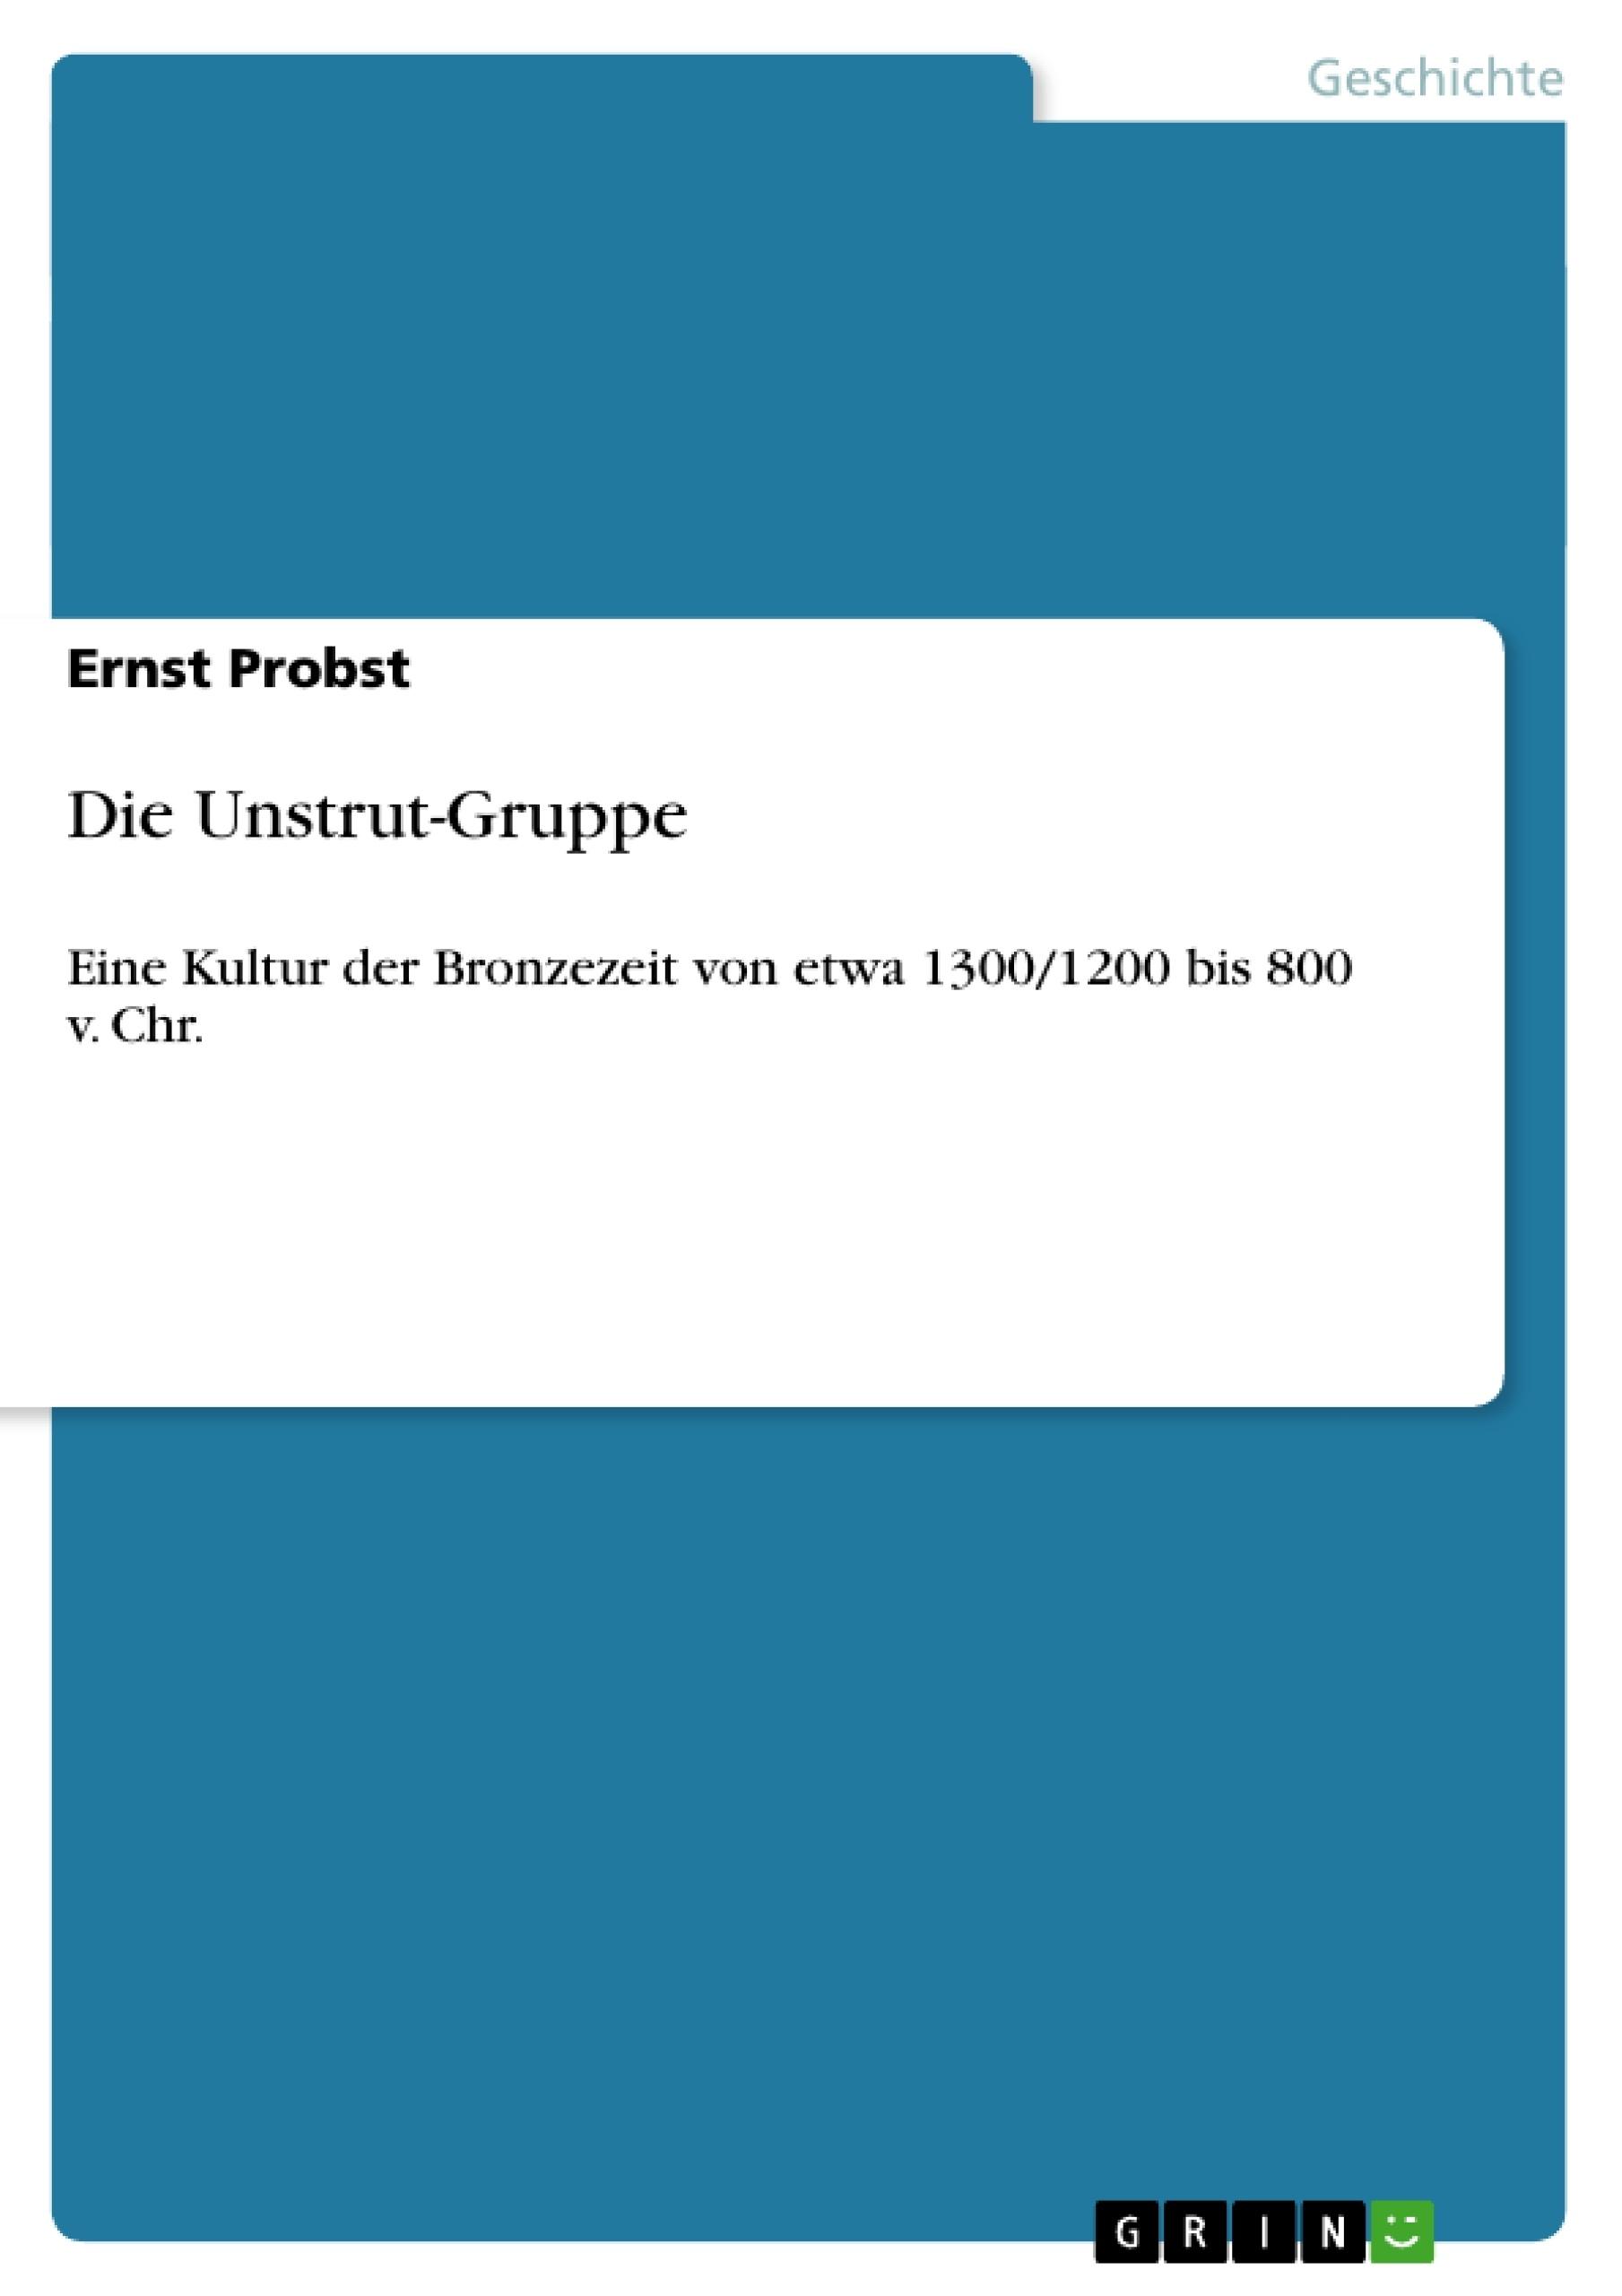 Titel: Die Unstrut-Gruppe